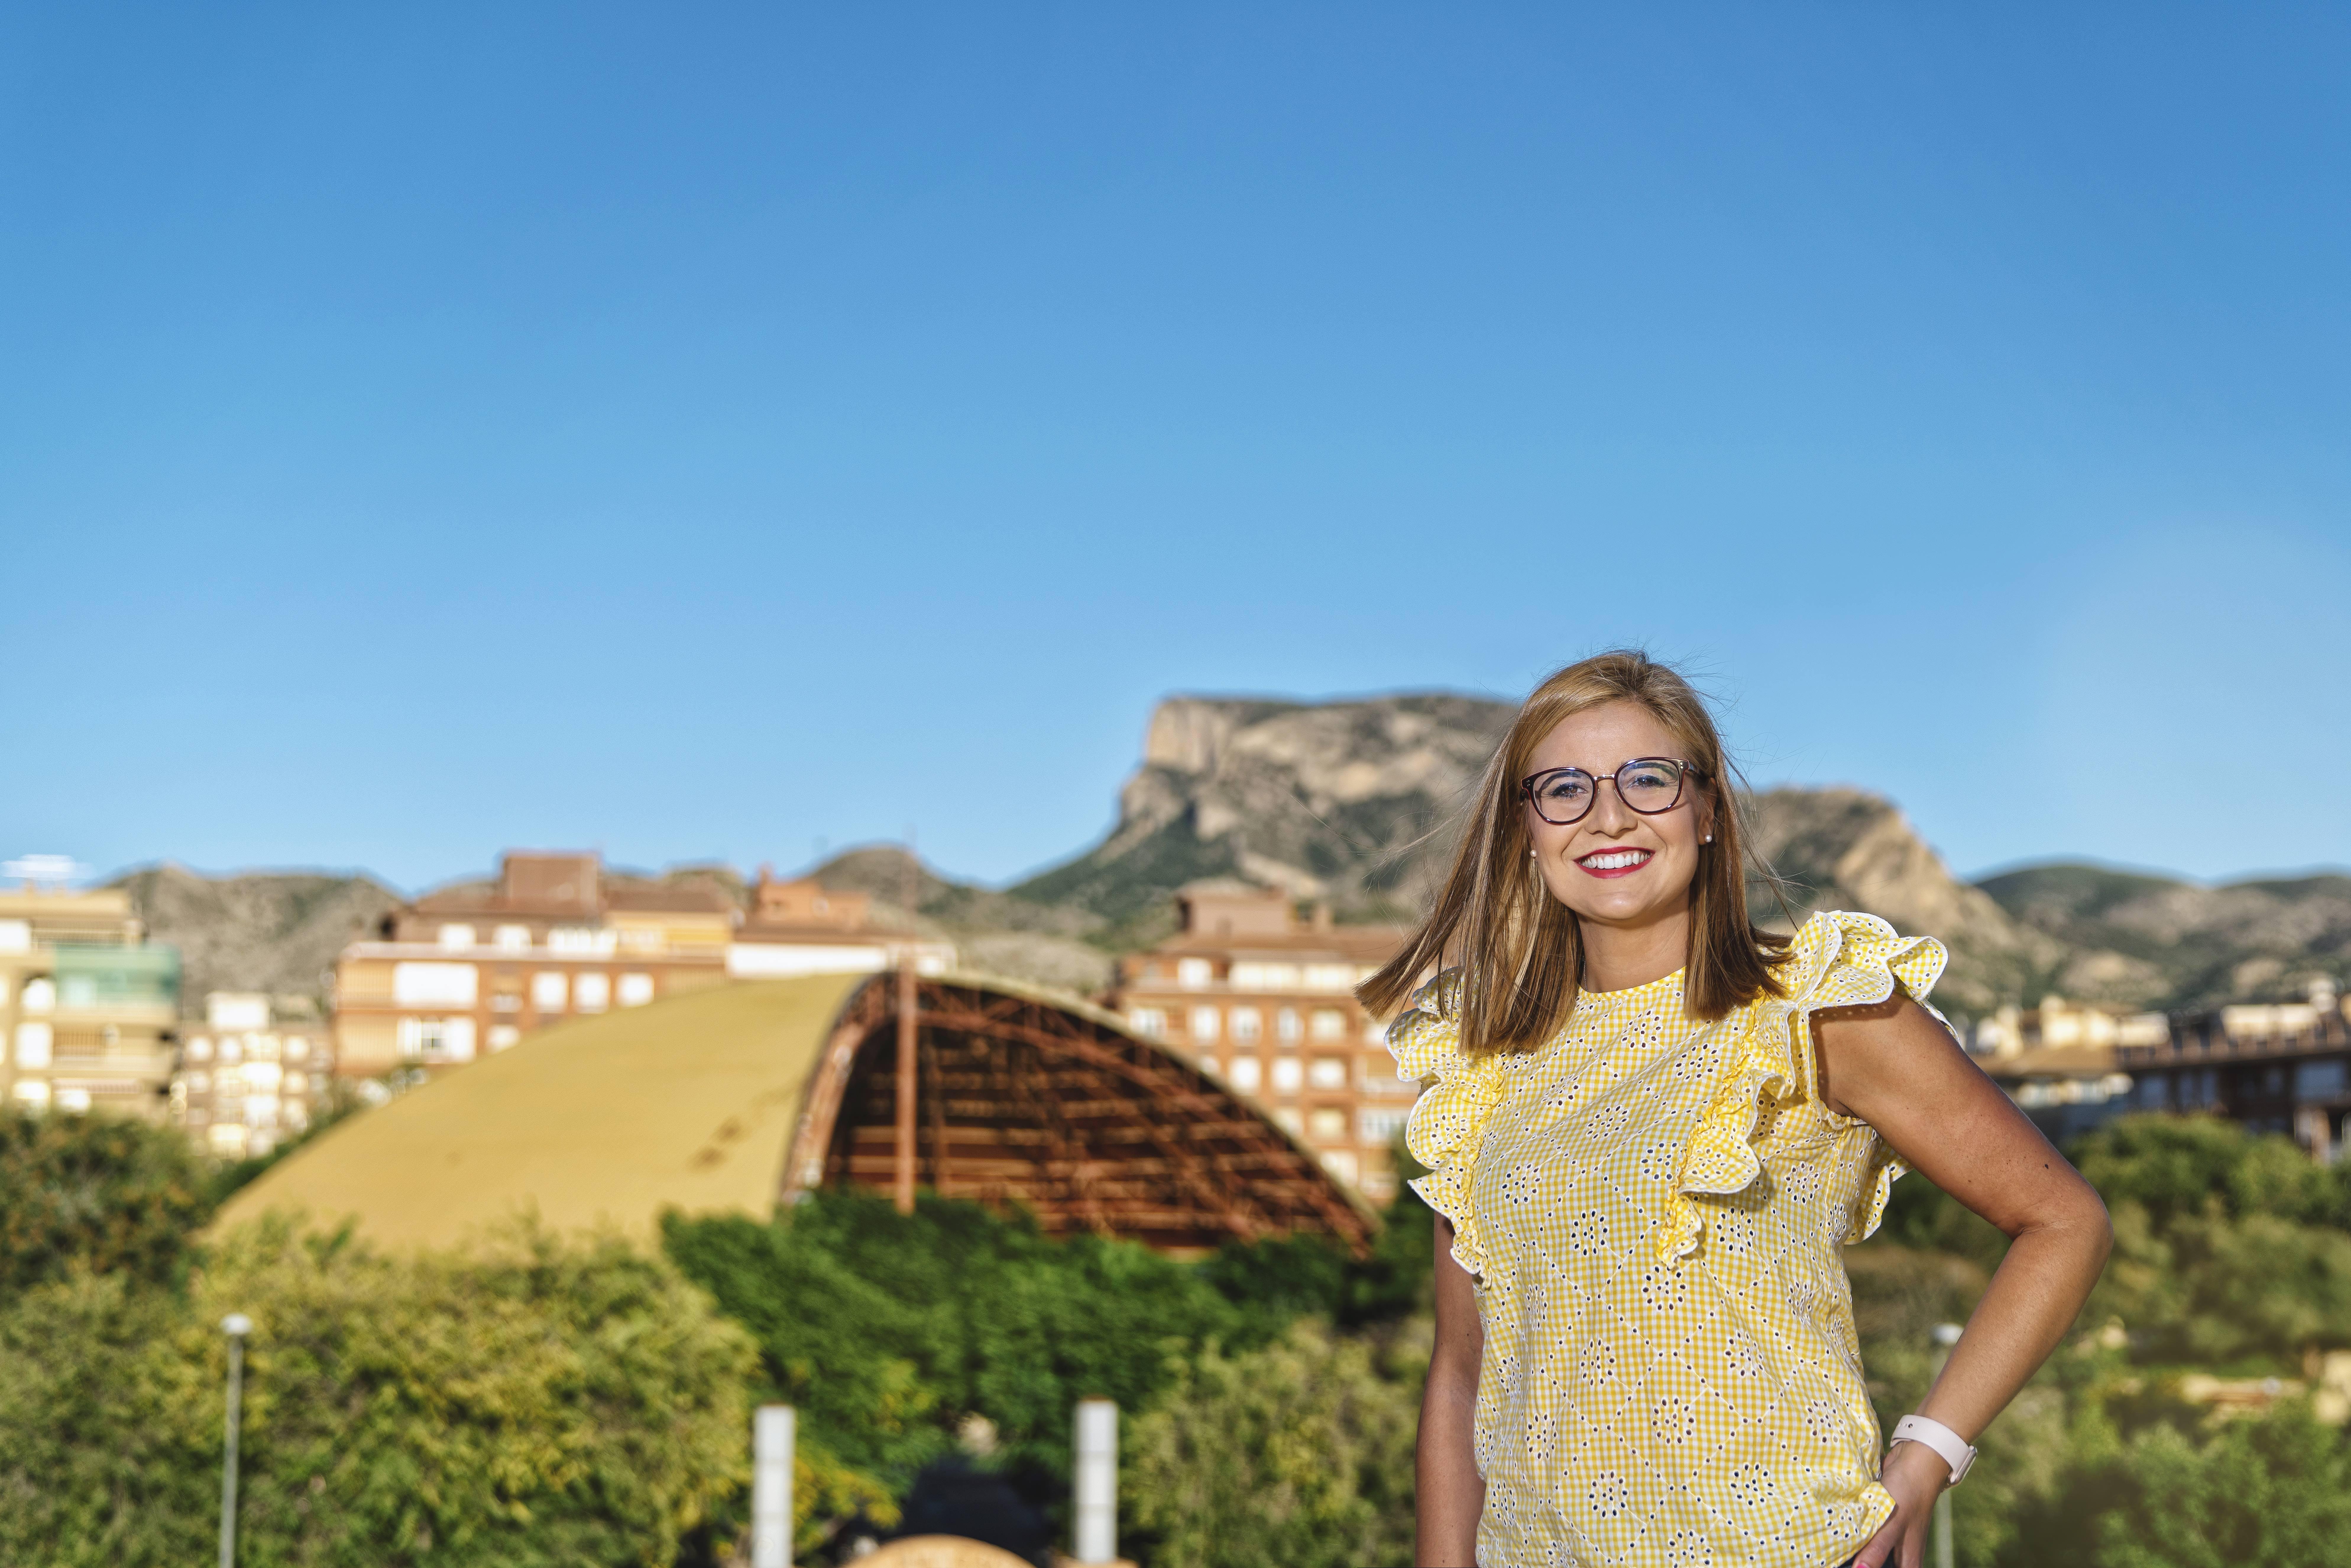 Petrer tiene una de las poblaciones menos envejecidas de la provincia de Alicante